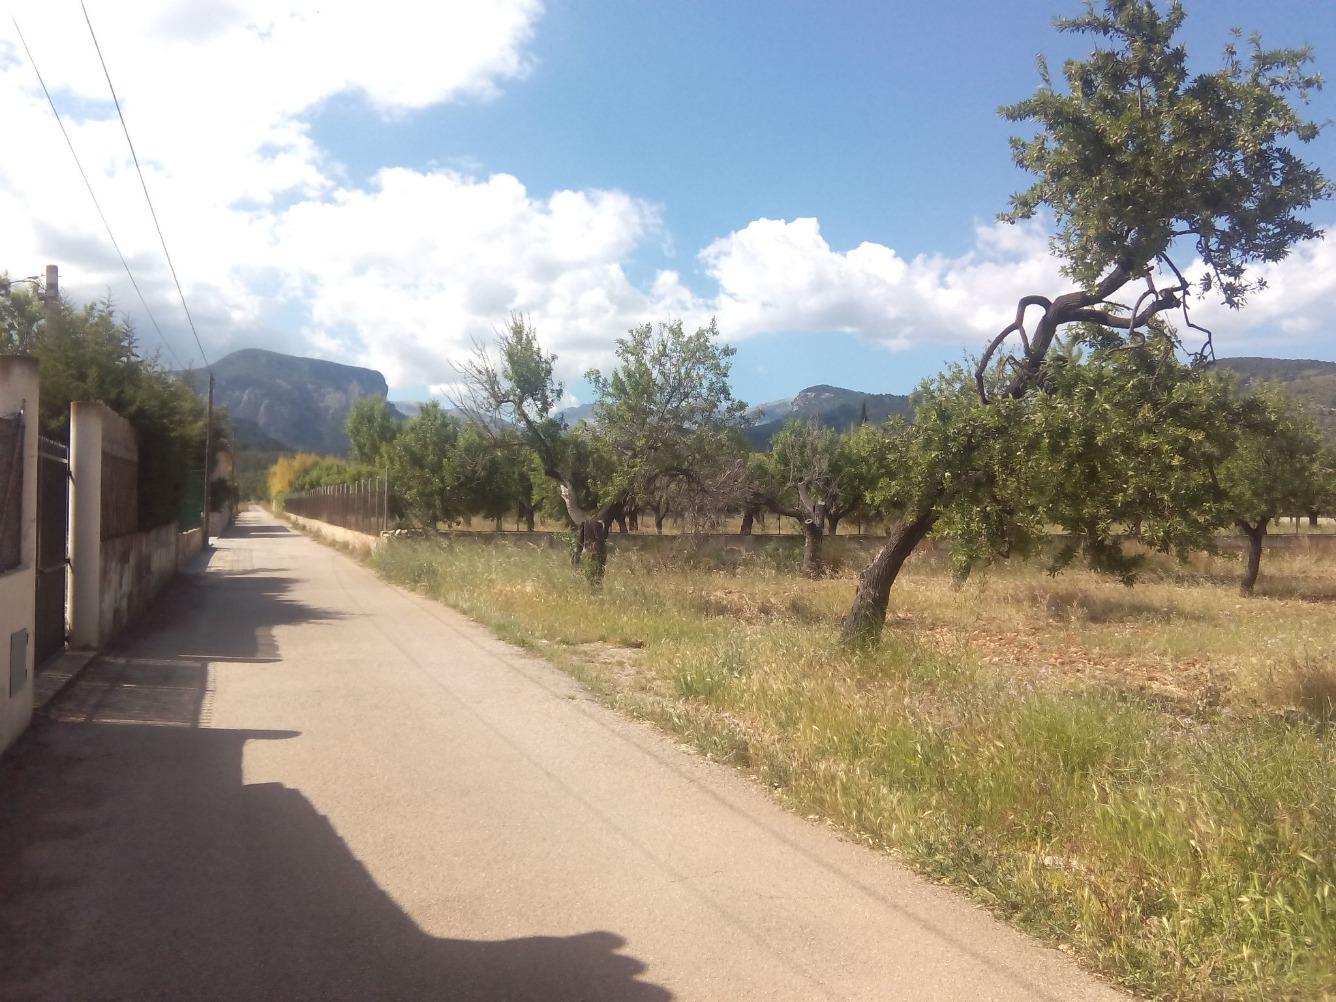 Solar urbano  Santa maria del camí - binissalem, zona de - binissalem. Binissalem: ocasión!! parcela de 4.500m2 aproximadamente de fáci